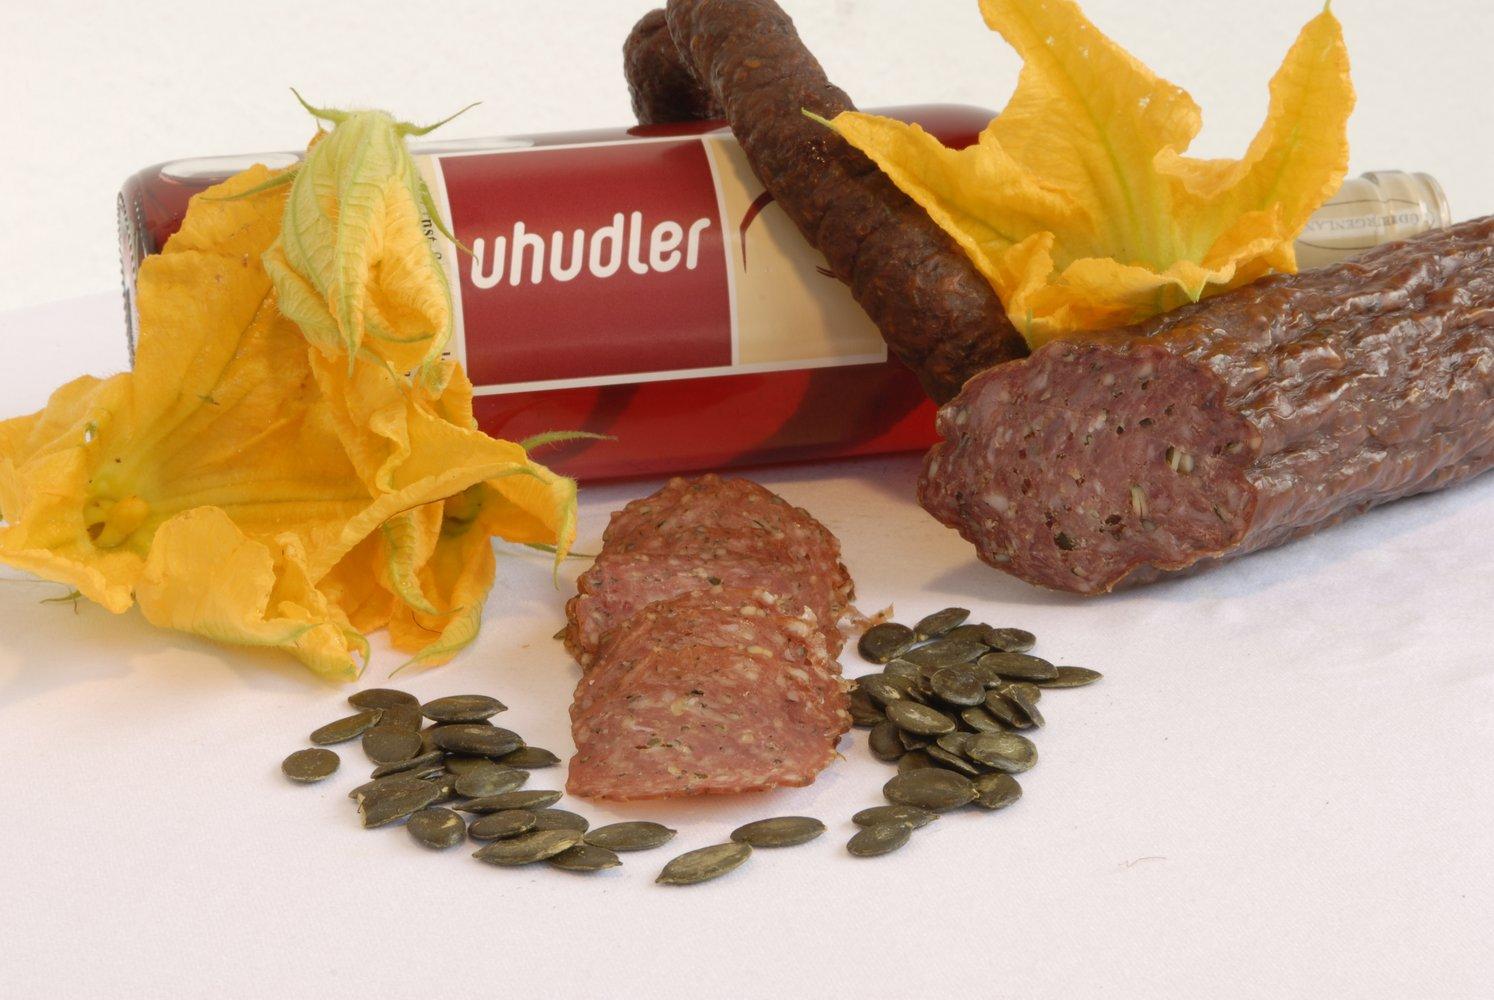 Uhudlerwurst